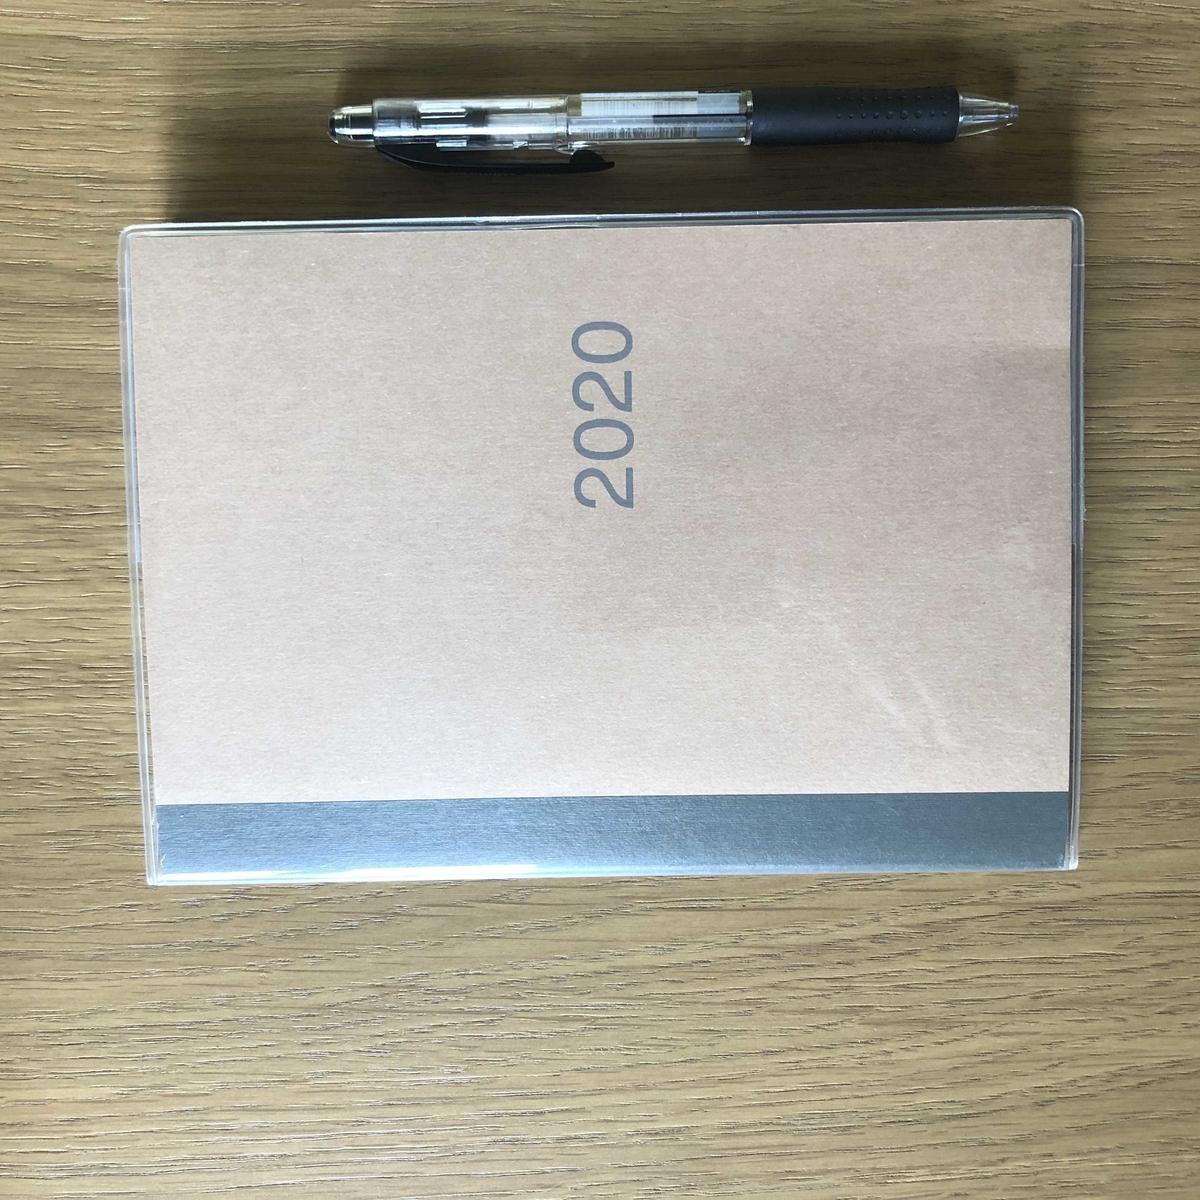 f:id:duckling2012:20200203224037j:plain